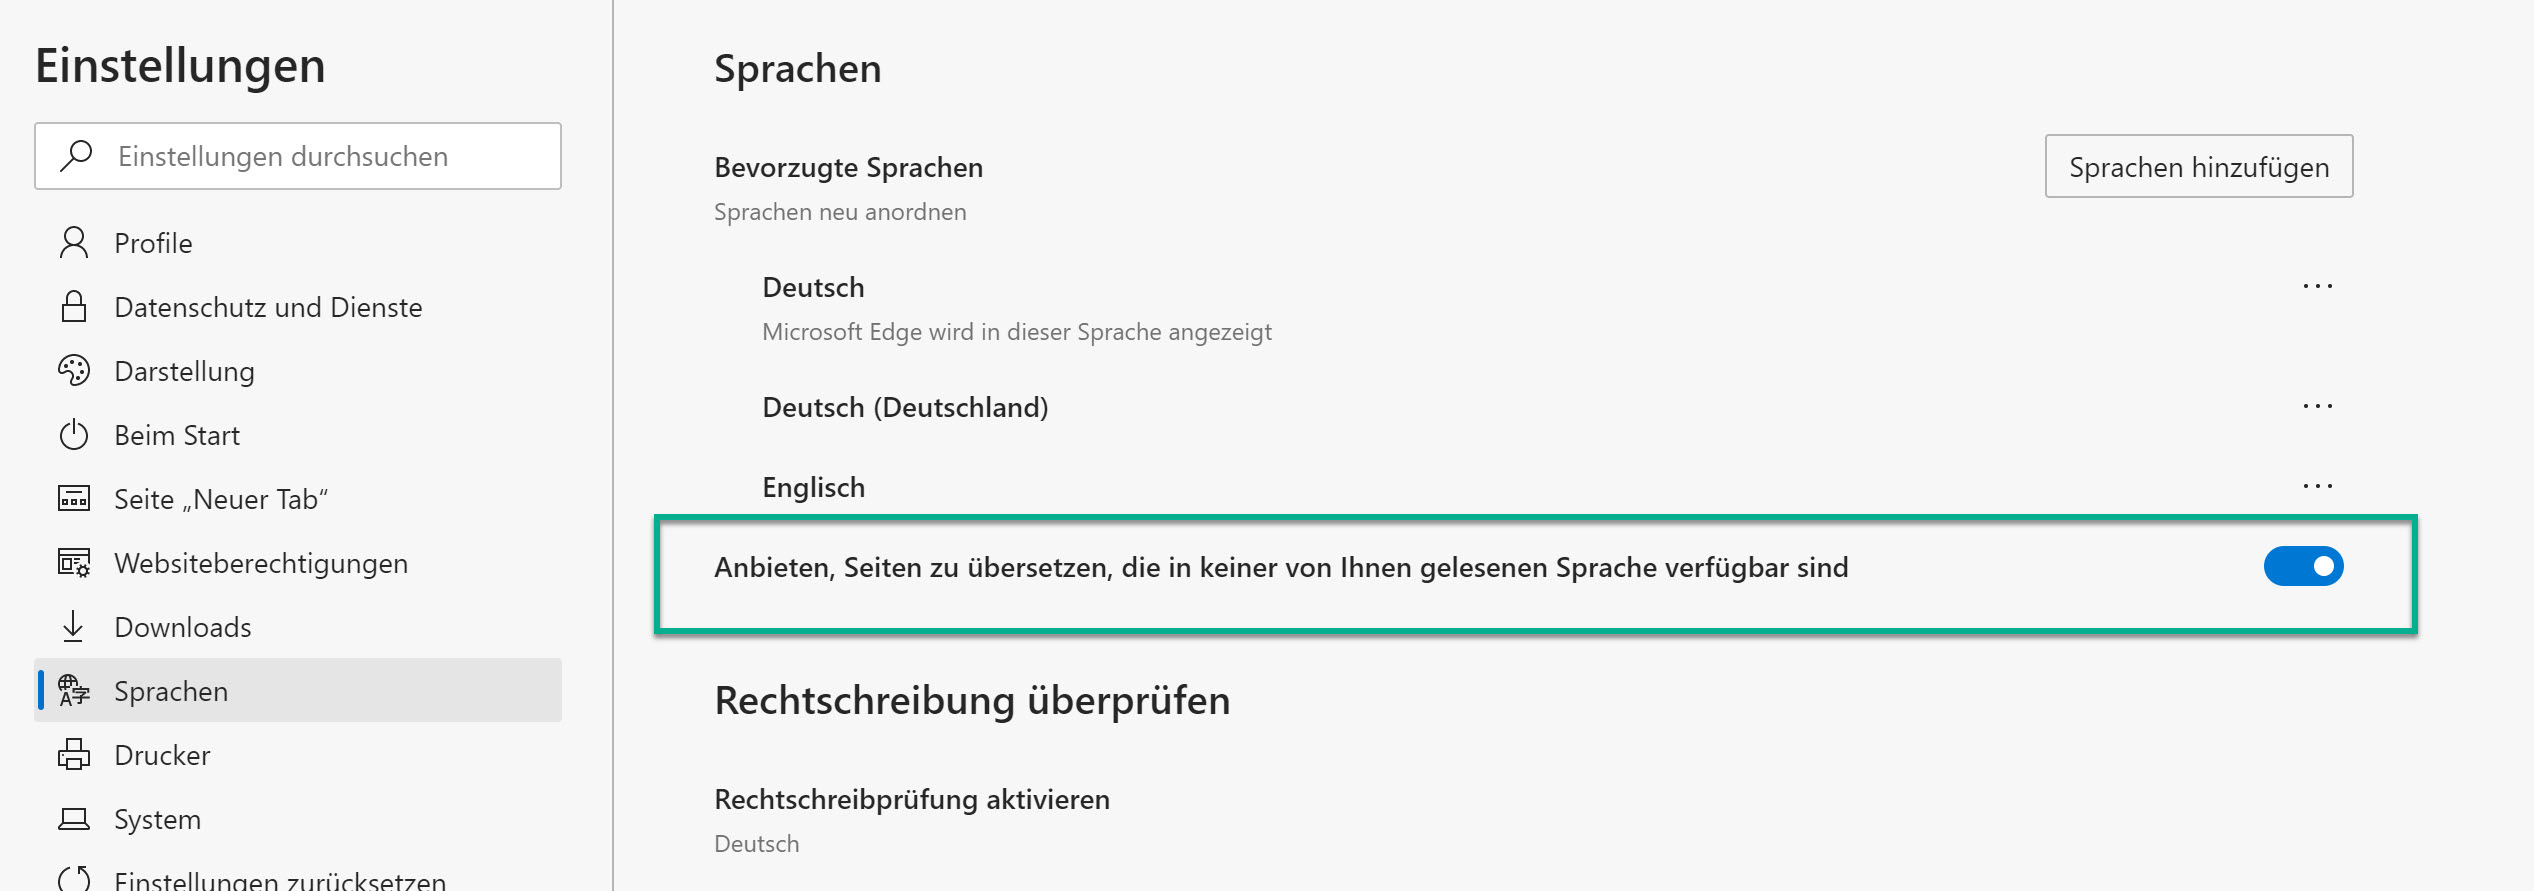 Übersetzung von Webseiten in Microsoft Edge